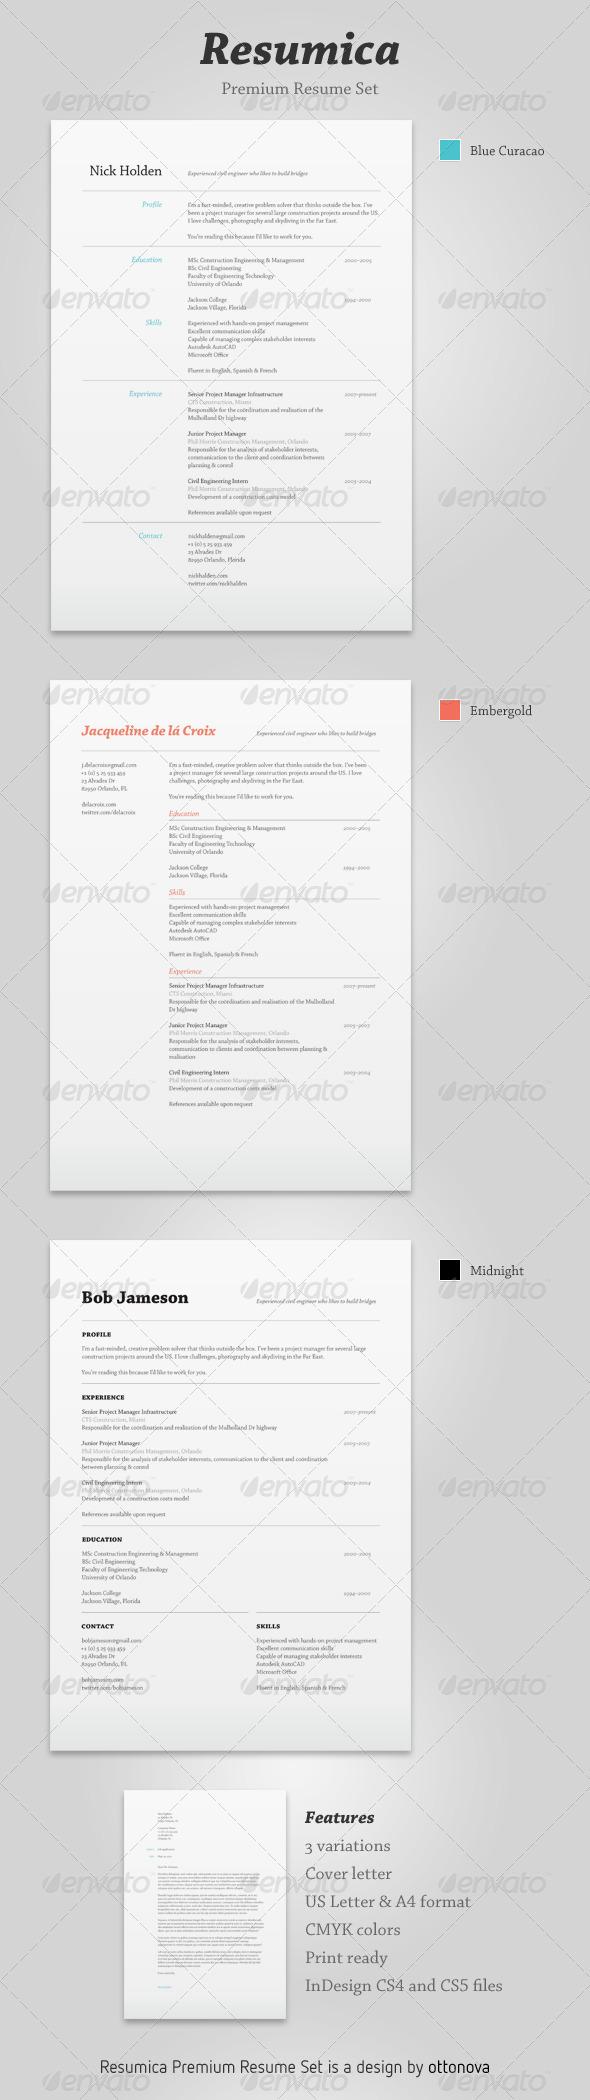 vfx artist resume format  u00bb maydesk com